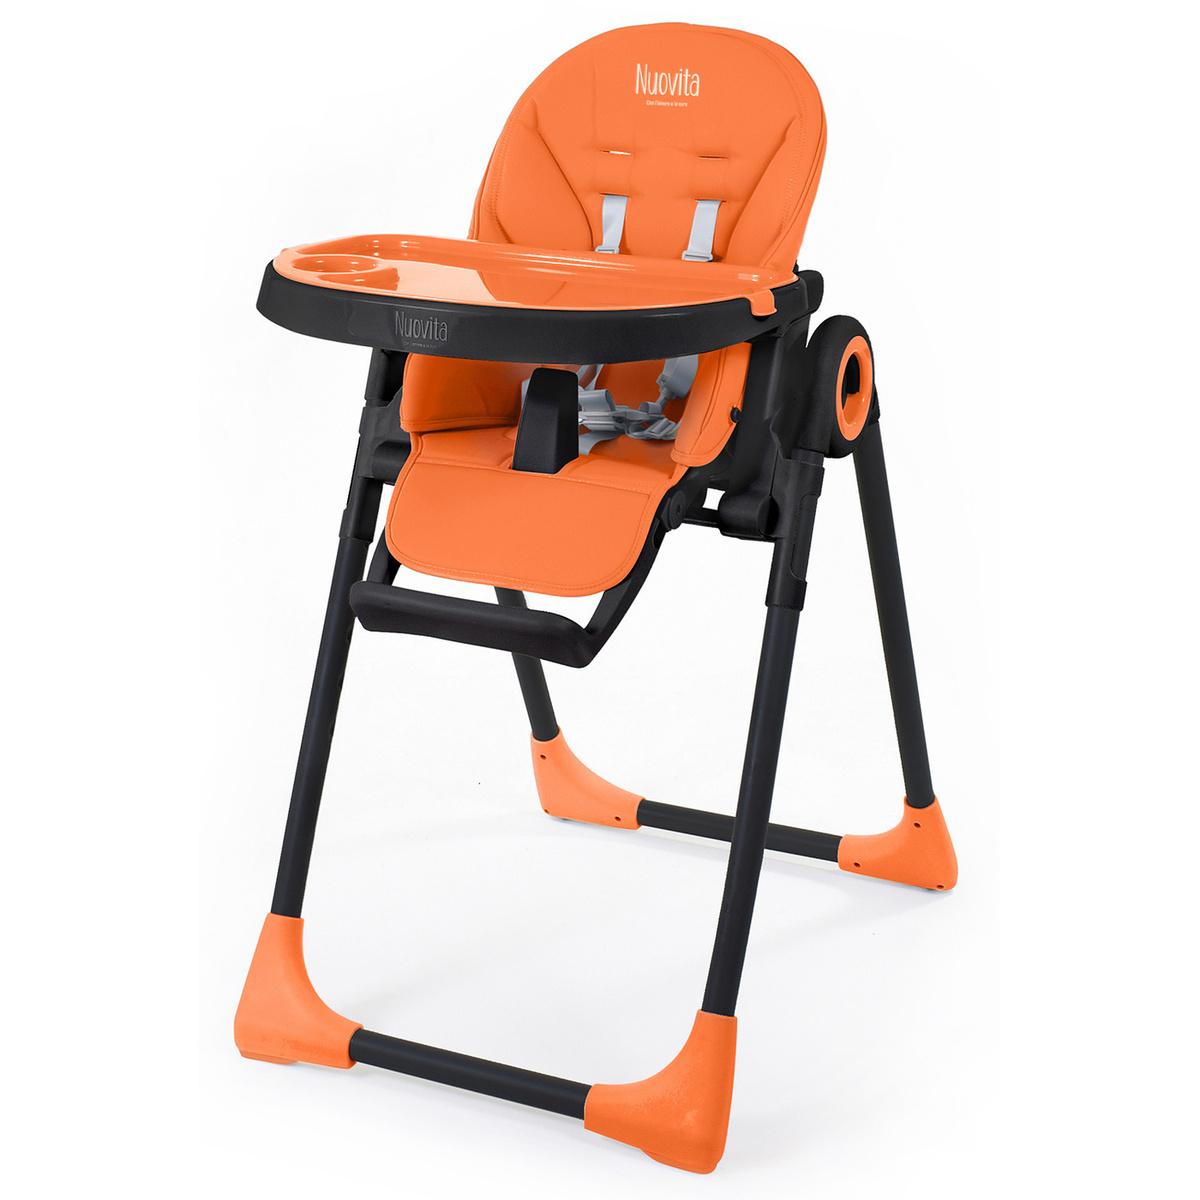 Стульчик для кормления Nuovita Lembo (Arancione, Nero/Оранжевый, Черный)  #1